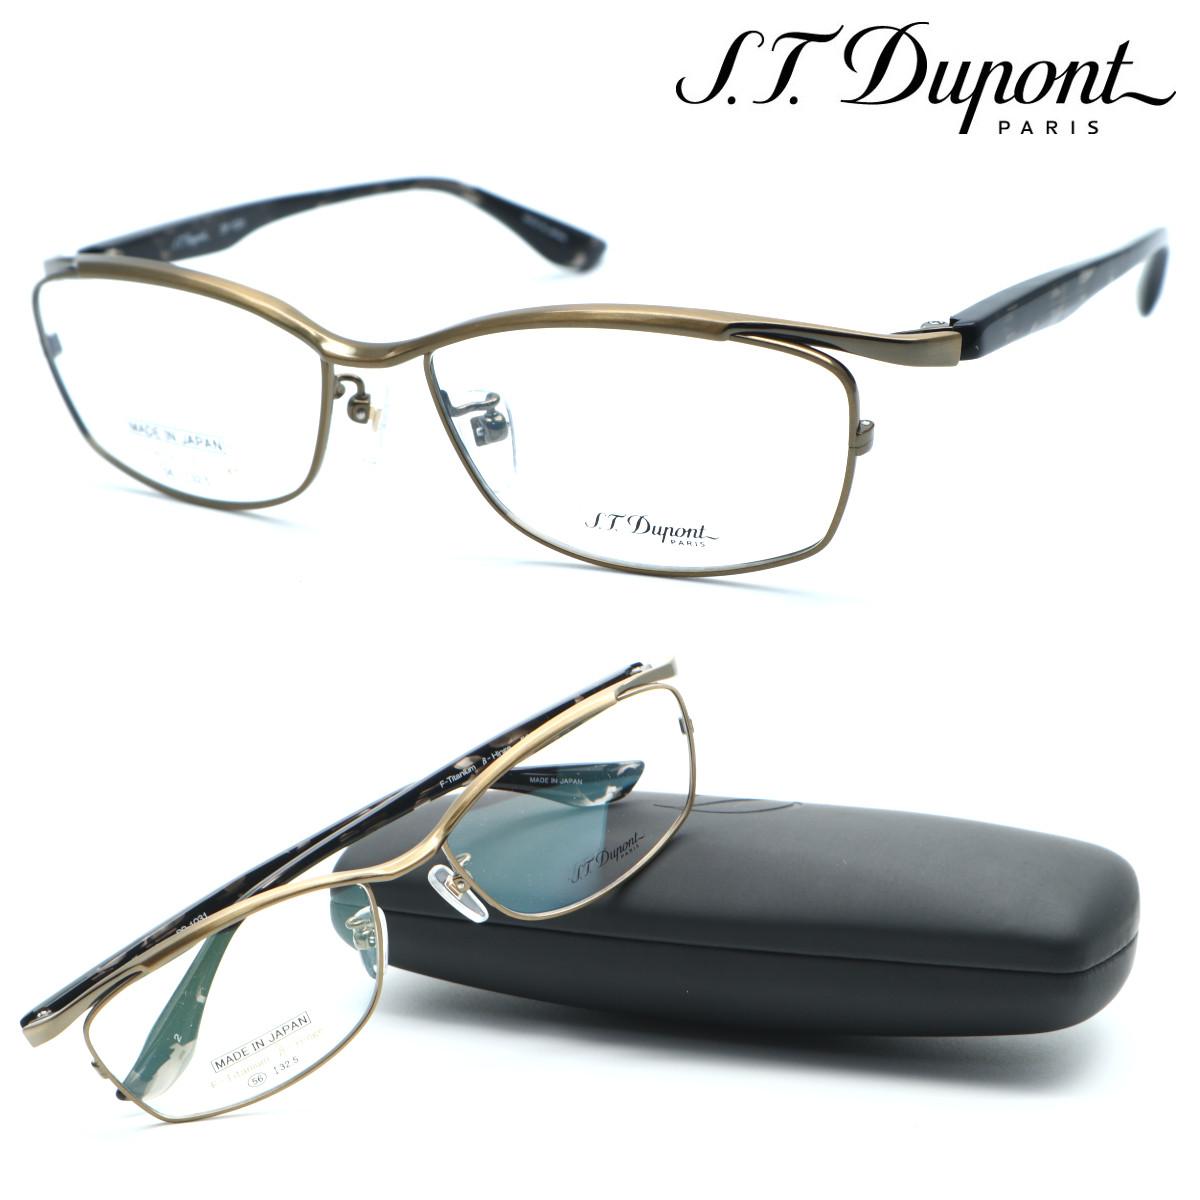 ファクトリーアウトレット 紳士の装い made in 格安 価格でご提供いたします japan 店頭受取対応商品 S.T.Dupont デュポン メガネ メンズ col.2 日本製 紳士 度付又は度無レンズセット 送料無料 正規品 DP-1031